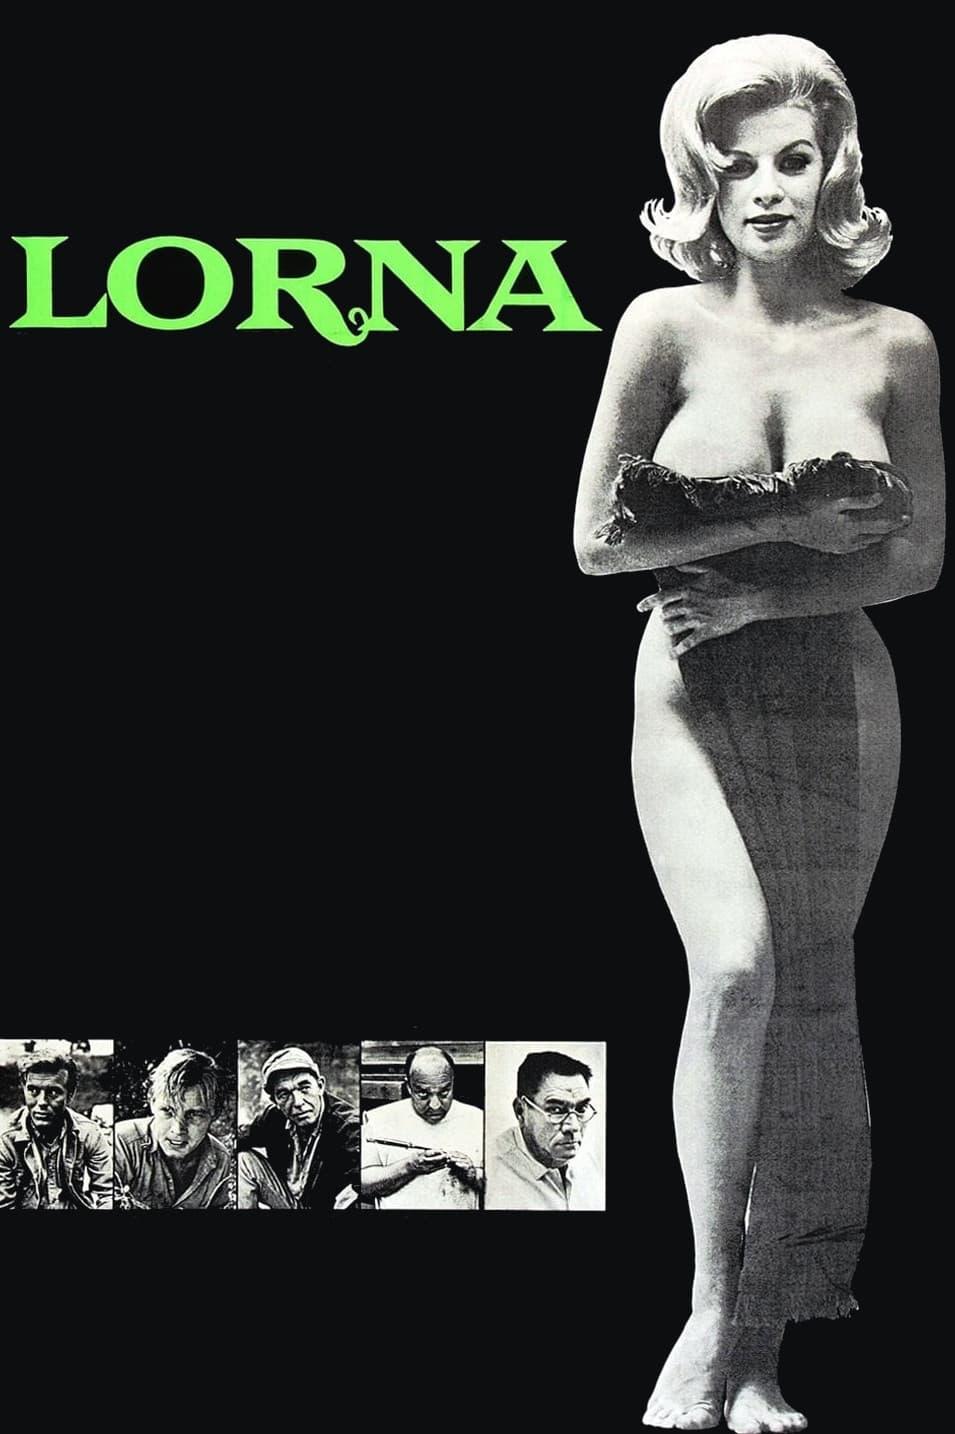 Lorna - Zuviel für einen Mann